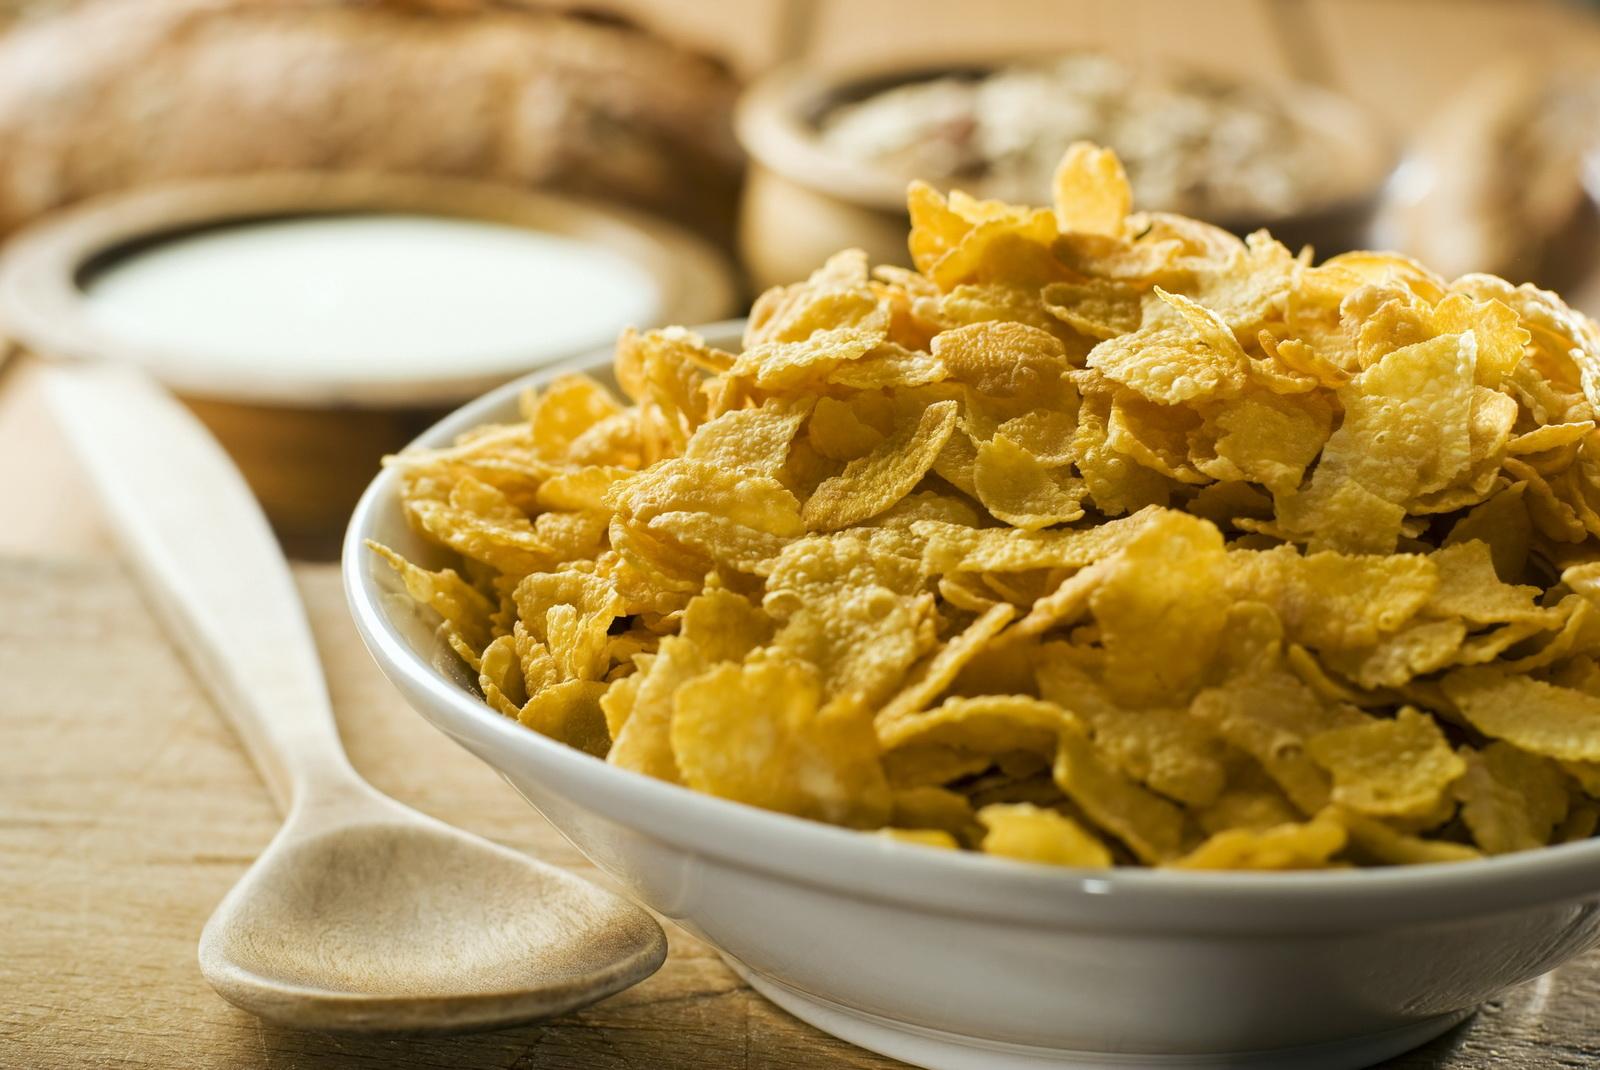 Топ 5 продуктов, которые нельзя есть на завтрак - фото №2